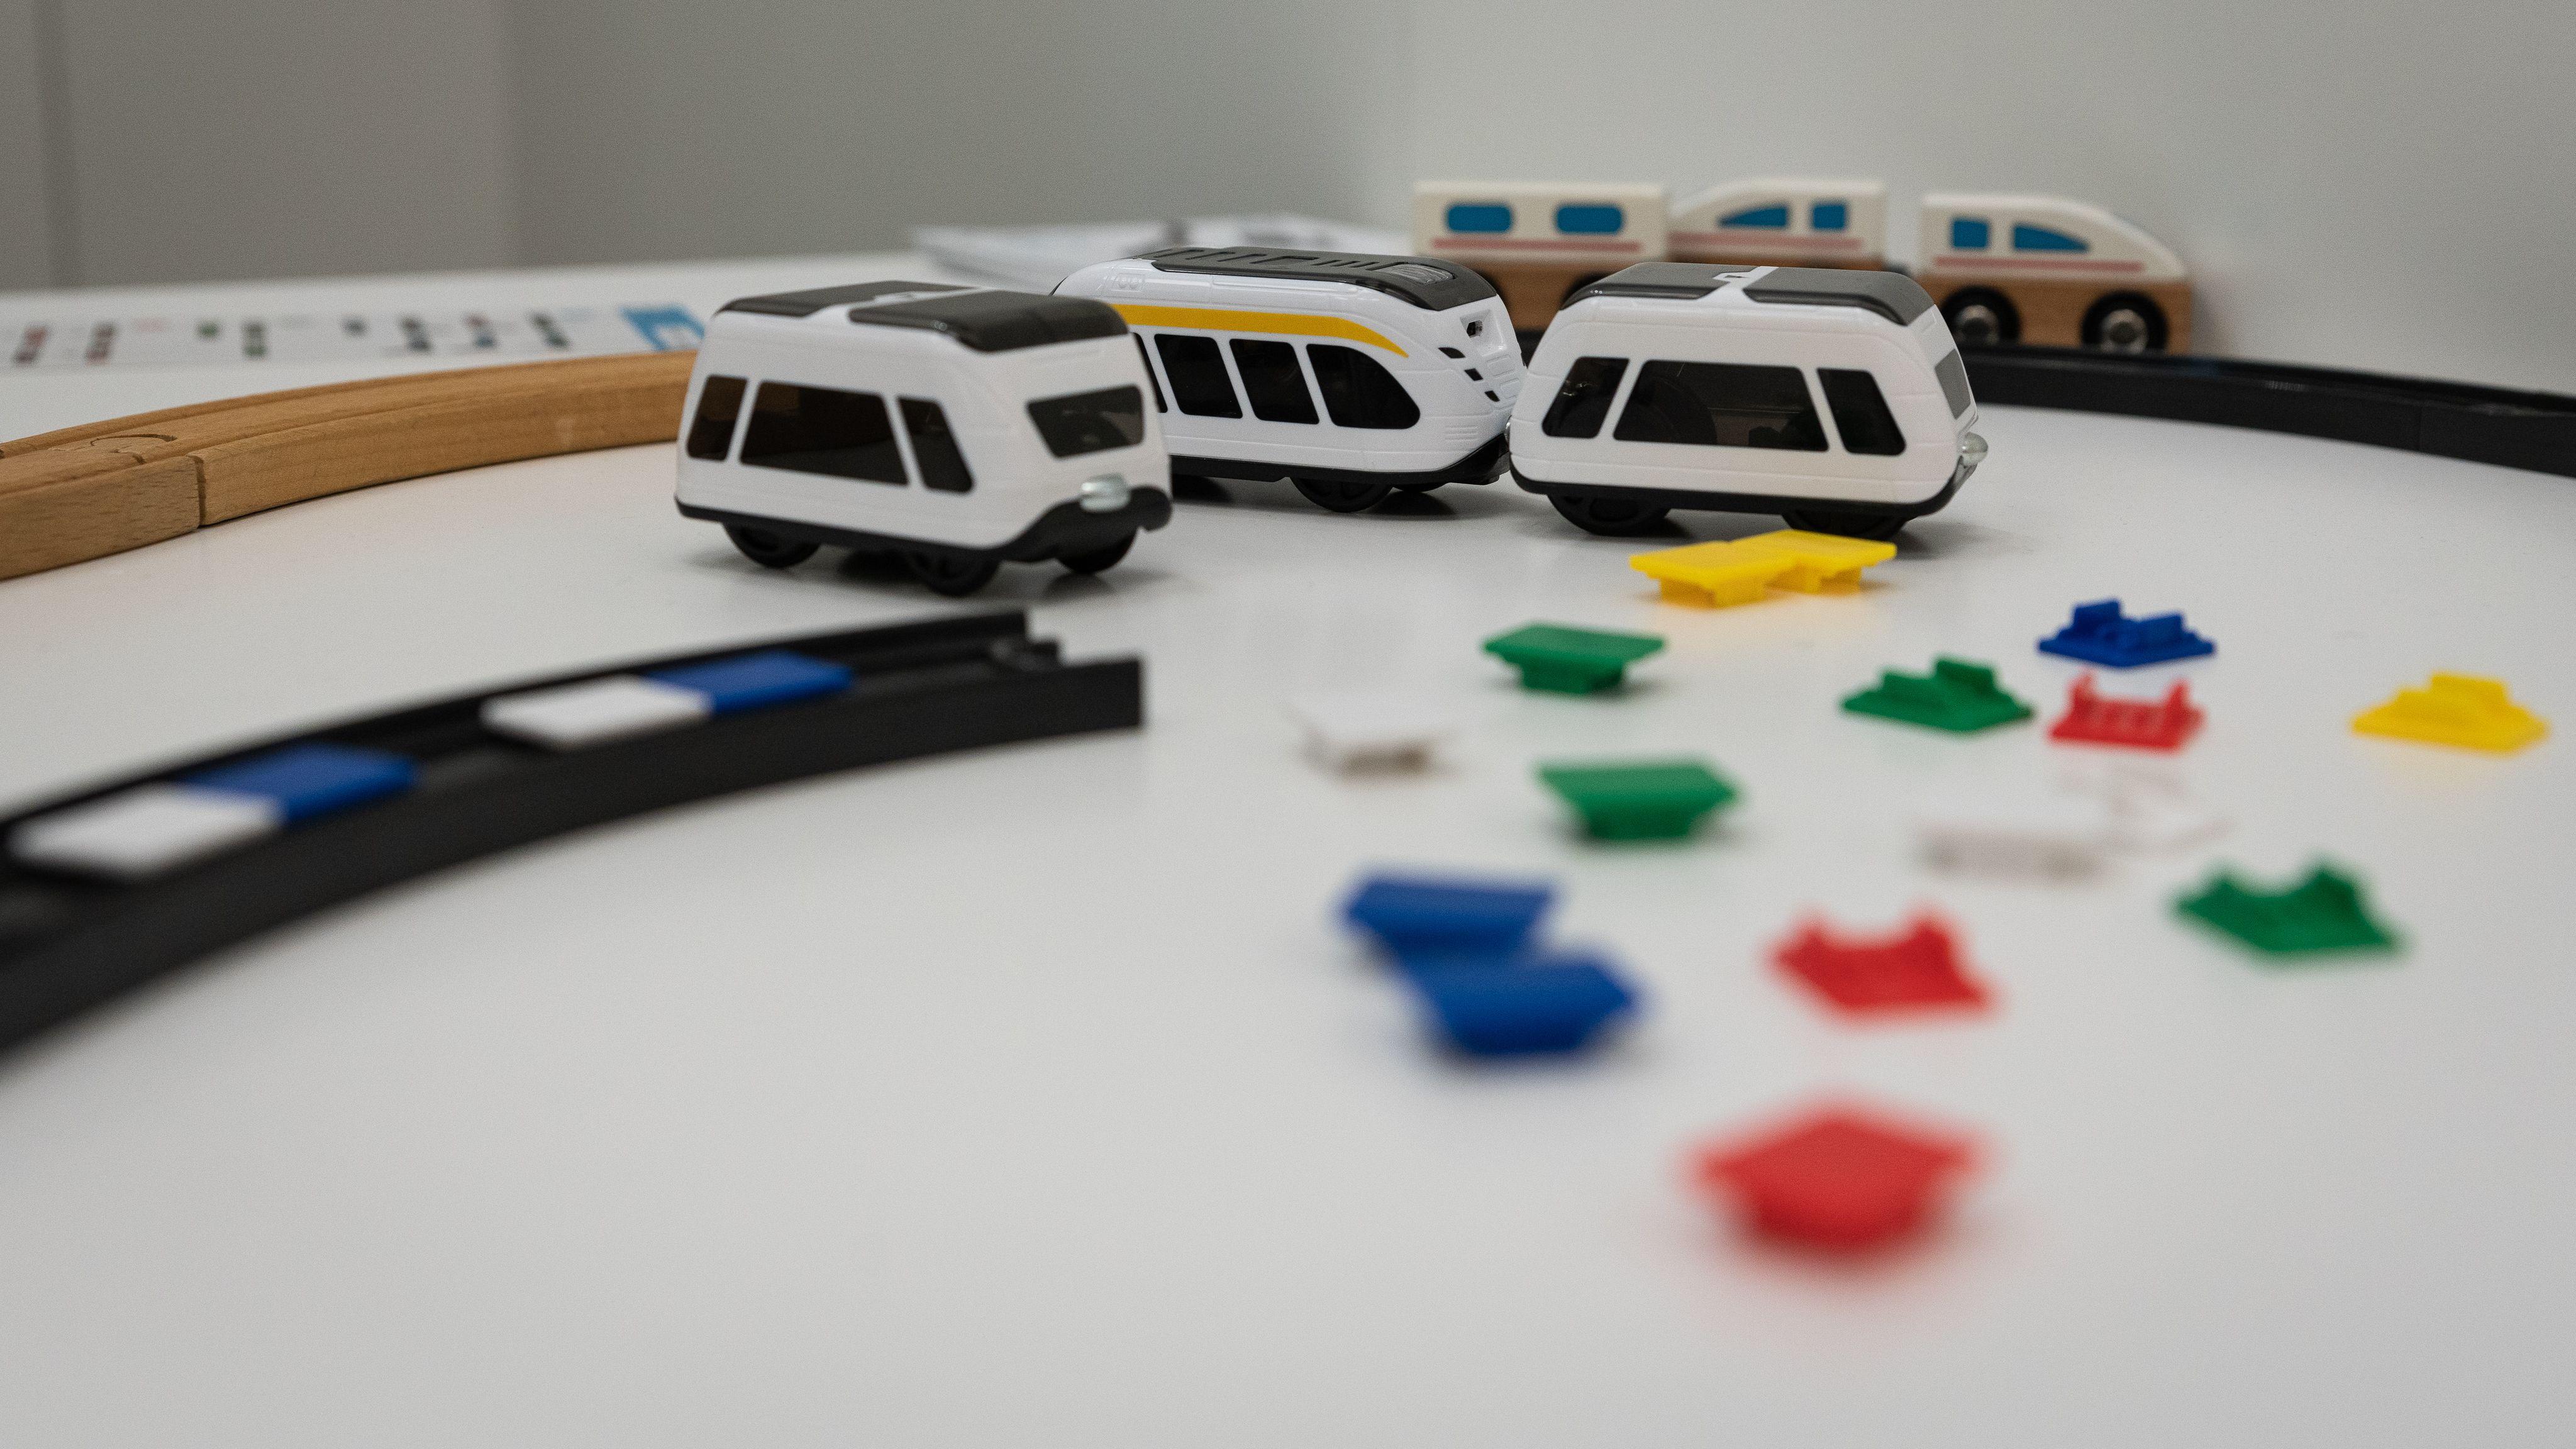 Diese Züge sind smart und können von Kindern programmiert werden